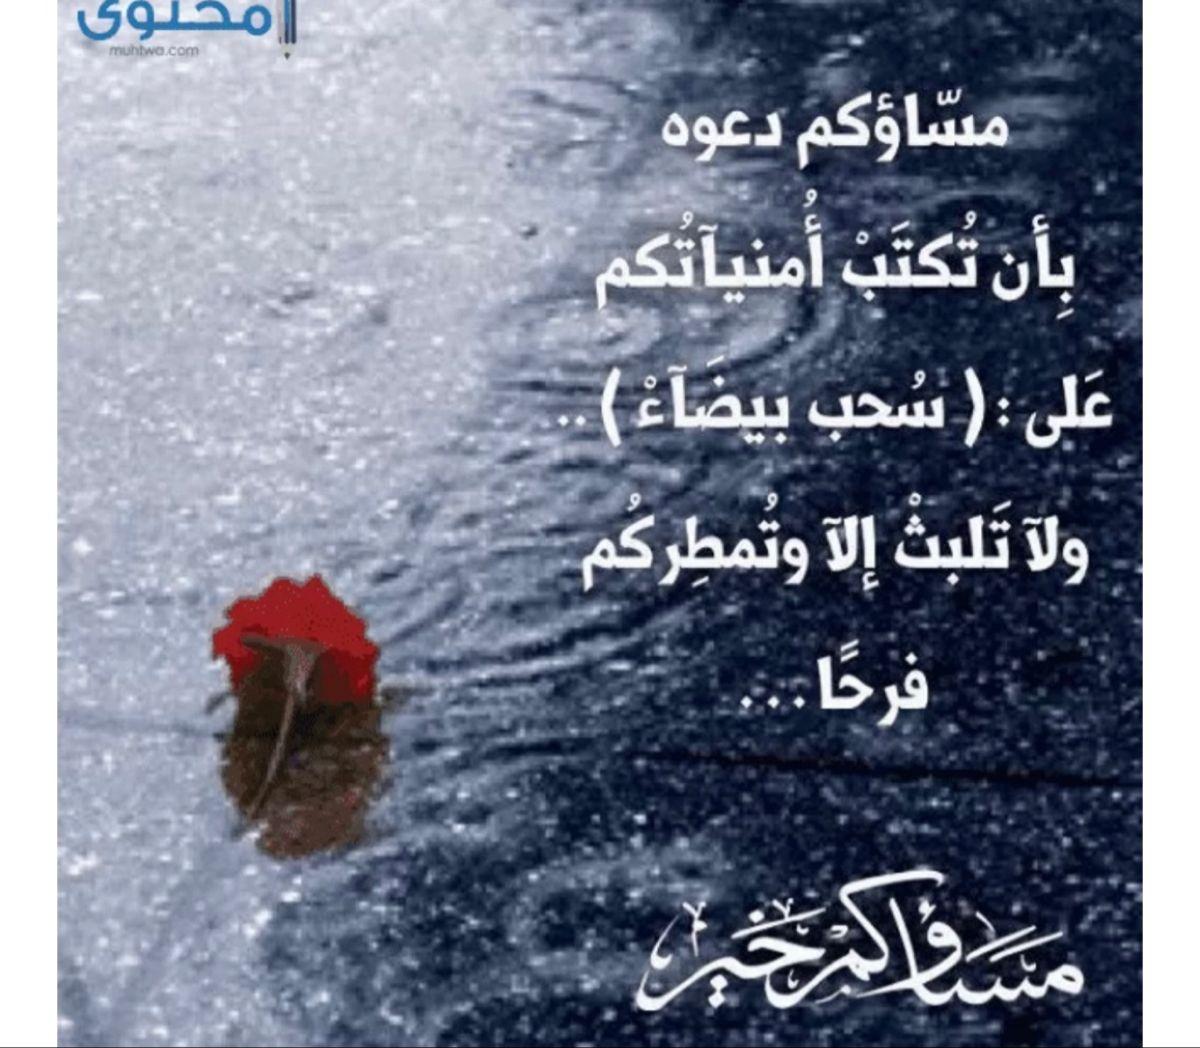 Pin By Ummohamed On اسماء الله الحسنى In 2021 Morning Texts Good Evening Good Morning Good Night